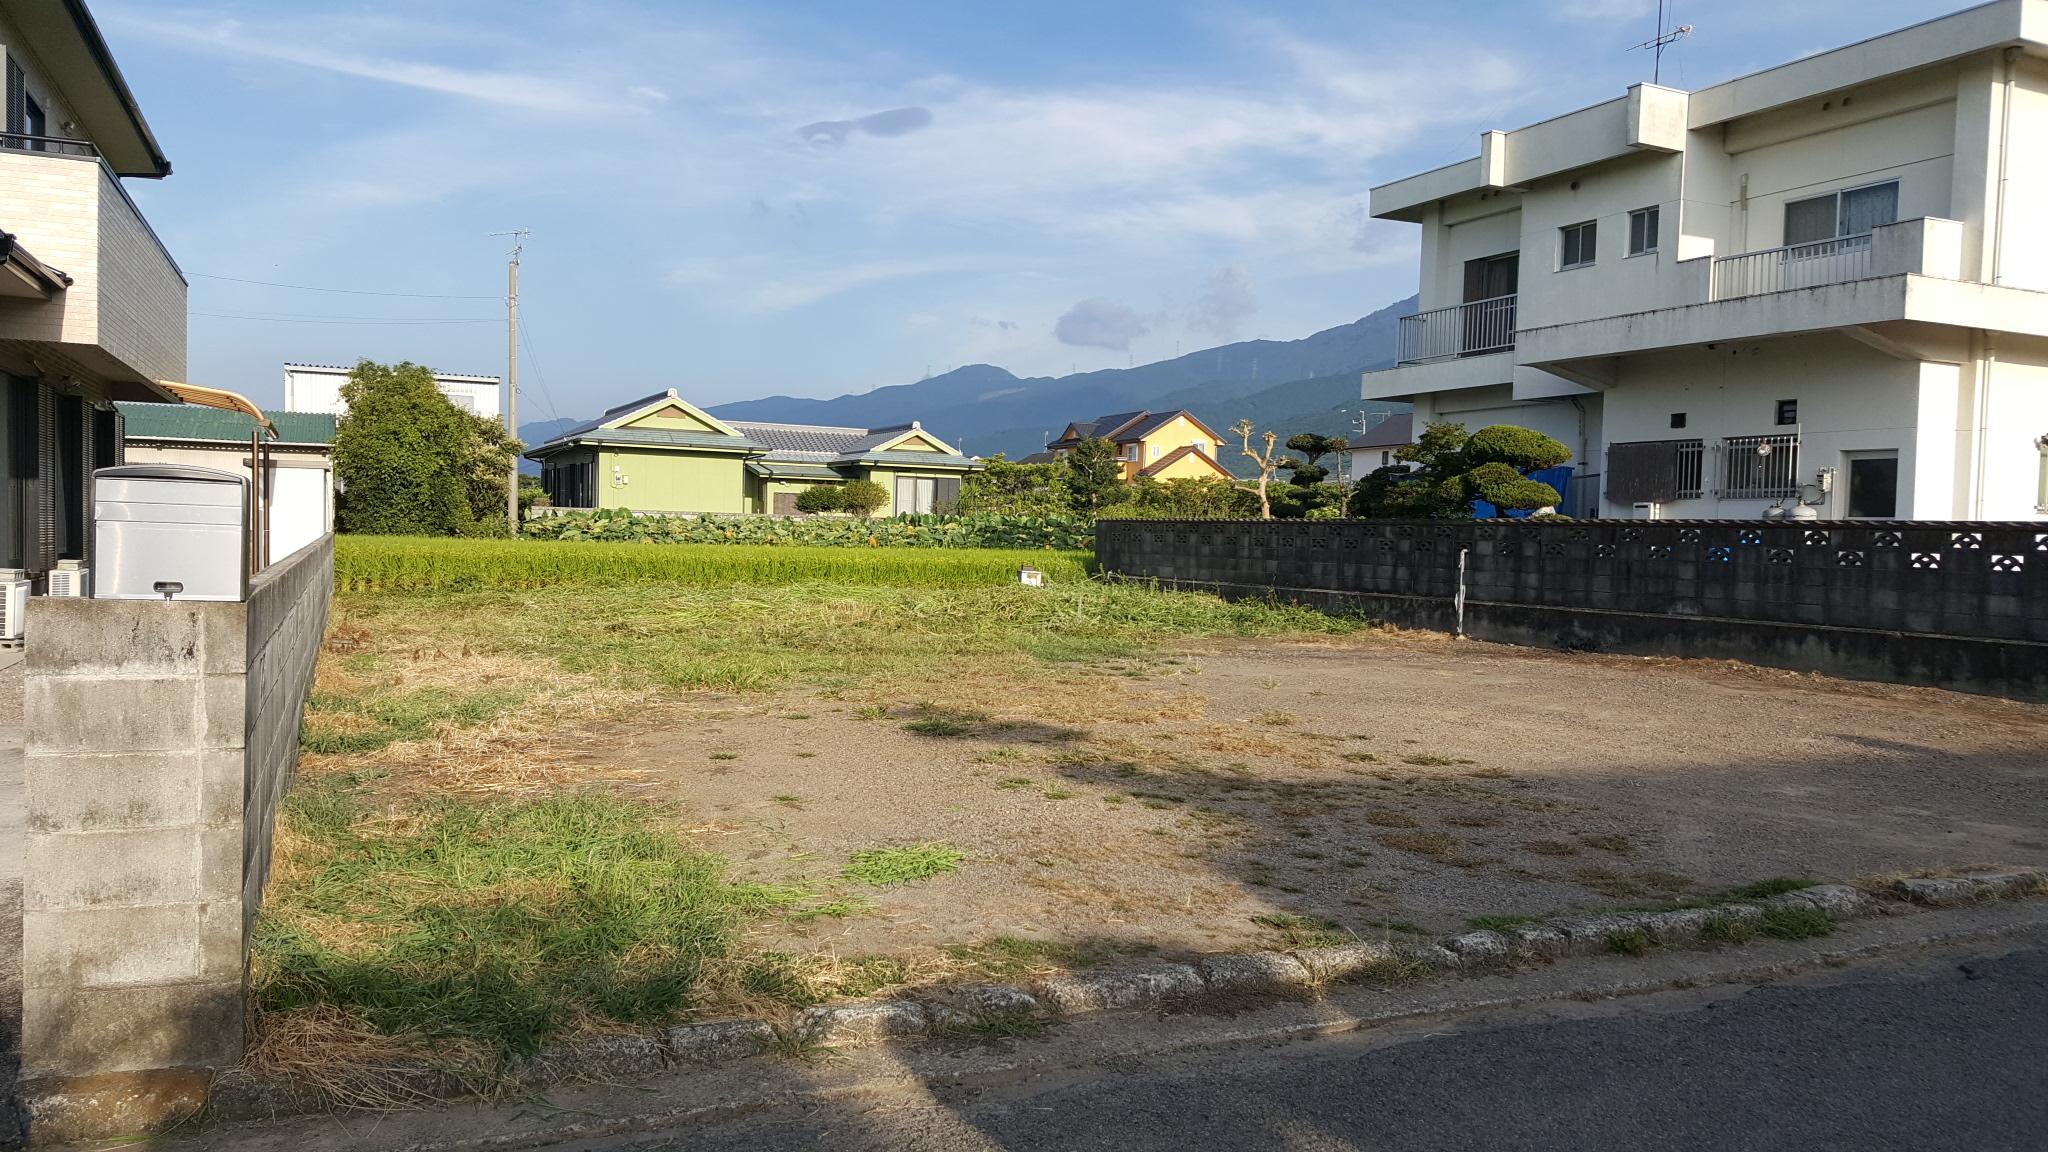 西条市でパッシブ設計の家が建つ土地写真